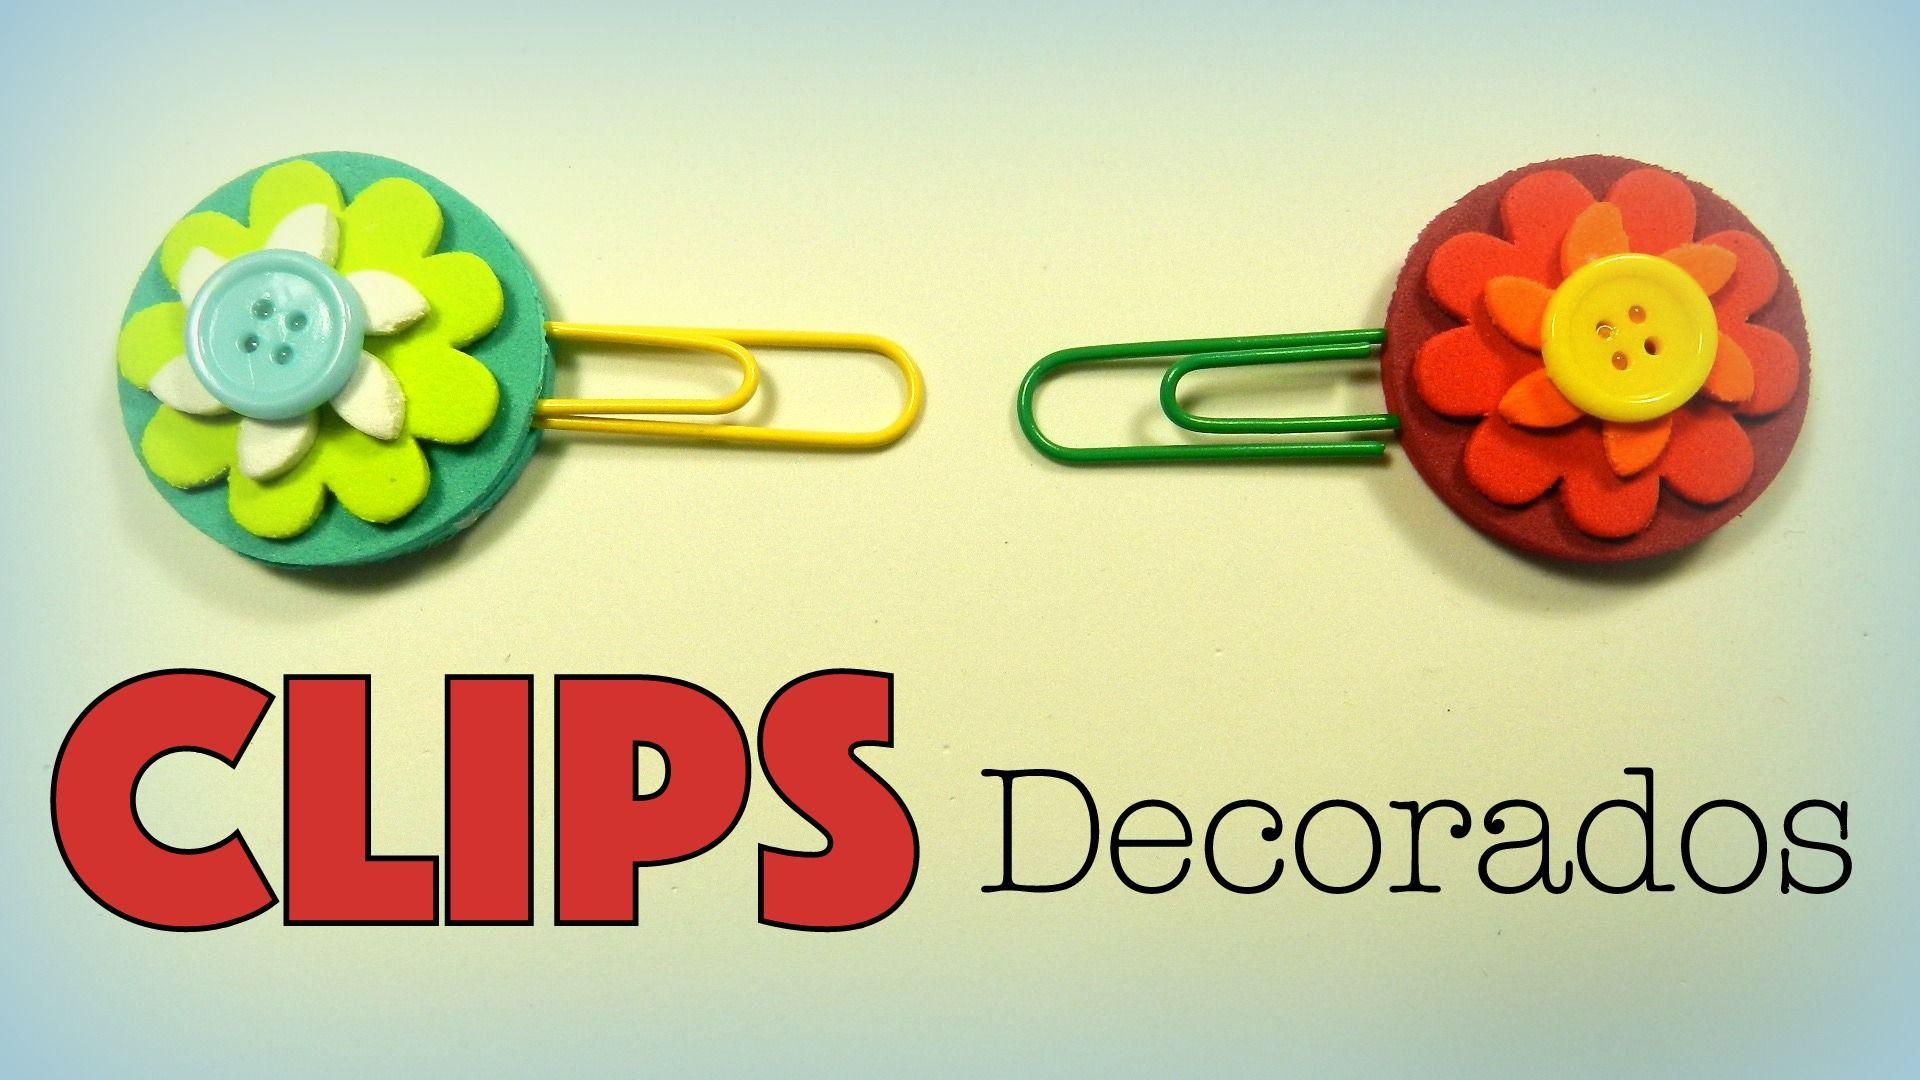 Clips decorados con flores de goma eva - http://www.manualidadeson.com/clips-decorados-flores-goma-eva.html